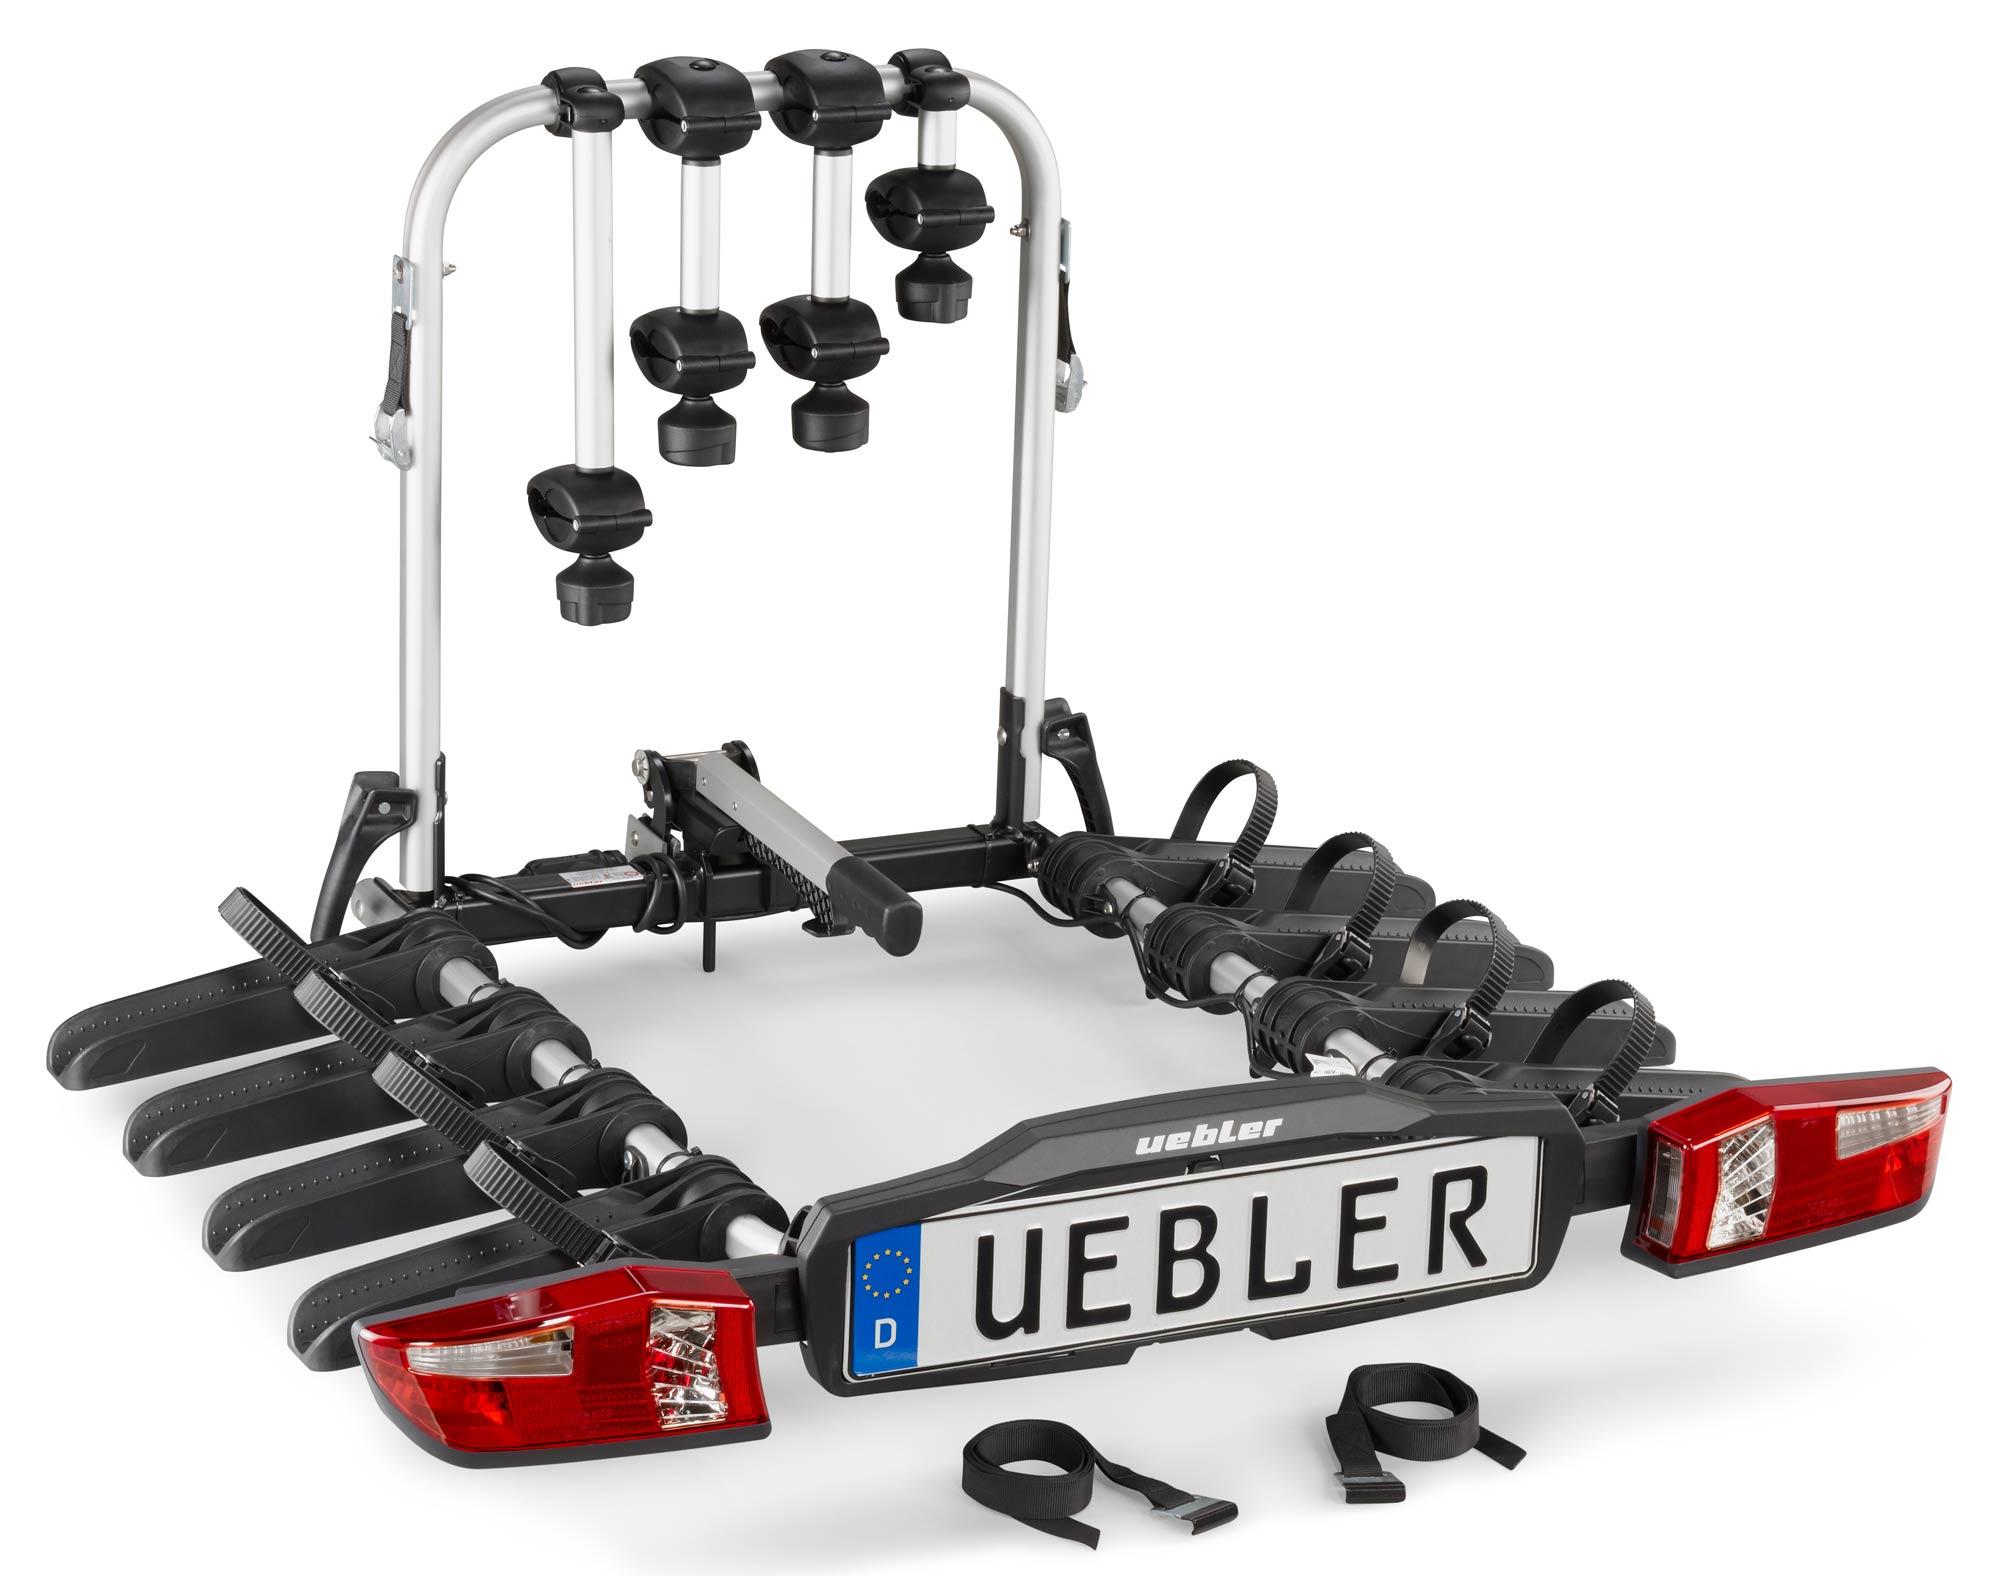 Nosič kol na tažné zařízení Uebler F42 - 4 kola nesklopný